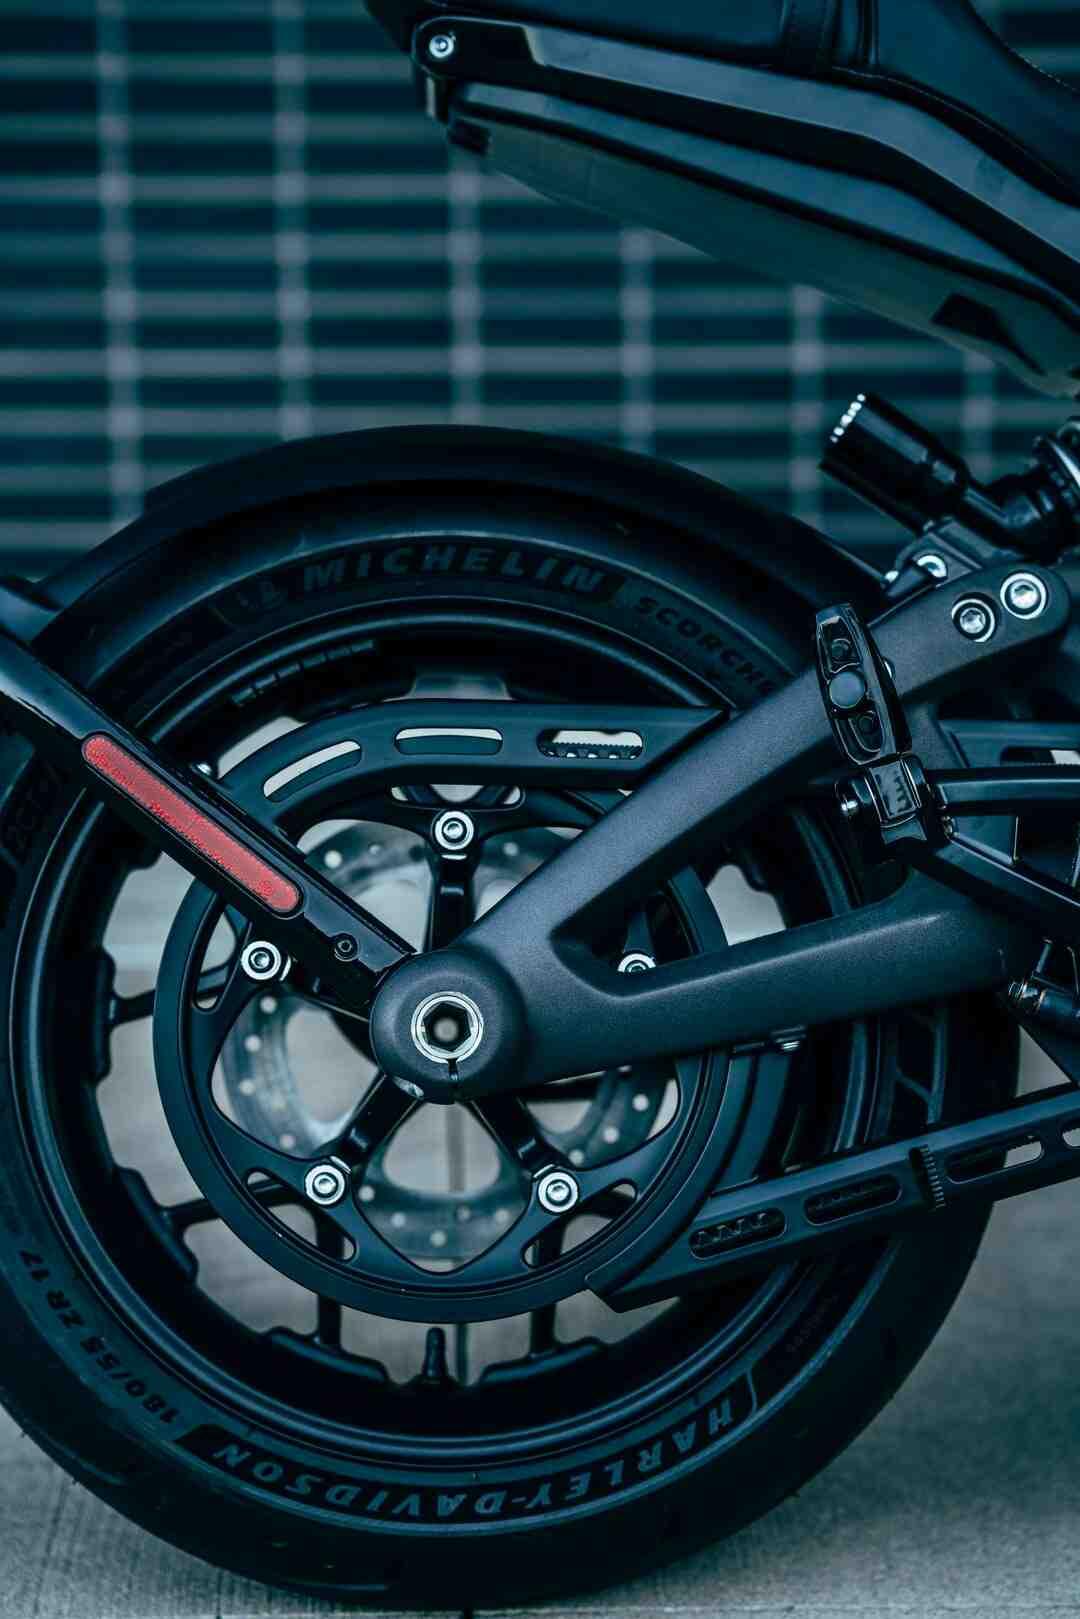 Comment savoir si une moto est Bridable A2 ?